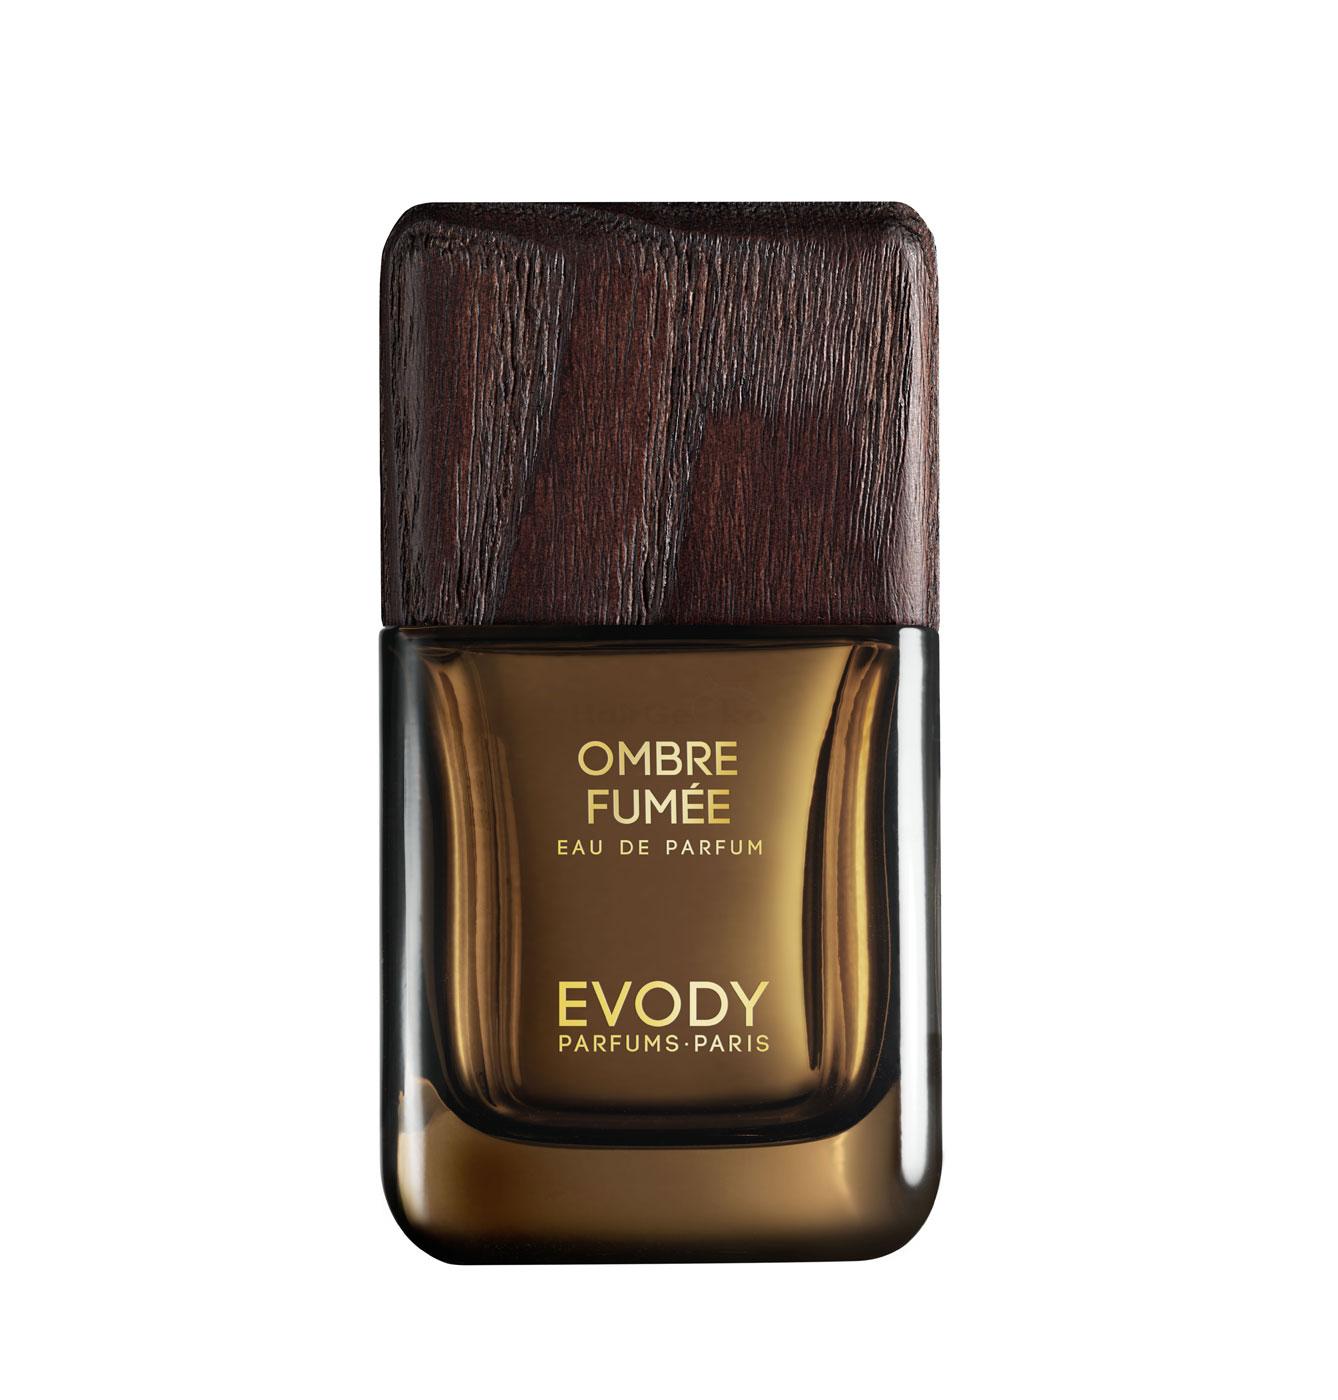 Evody - Collection D'Ailleurs - Ombre Fumee Eau de Parfum 50ml